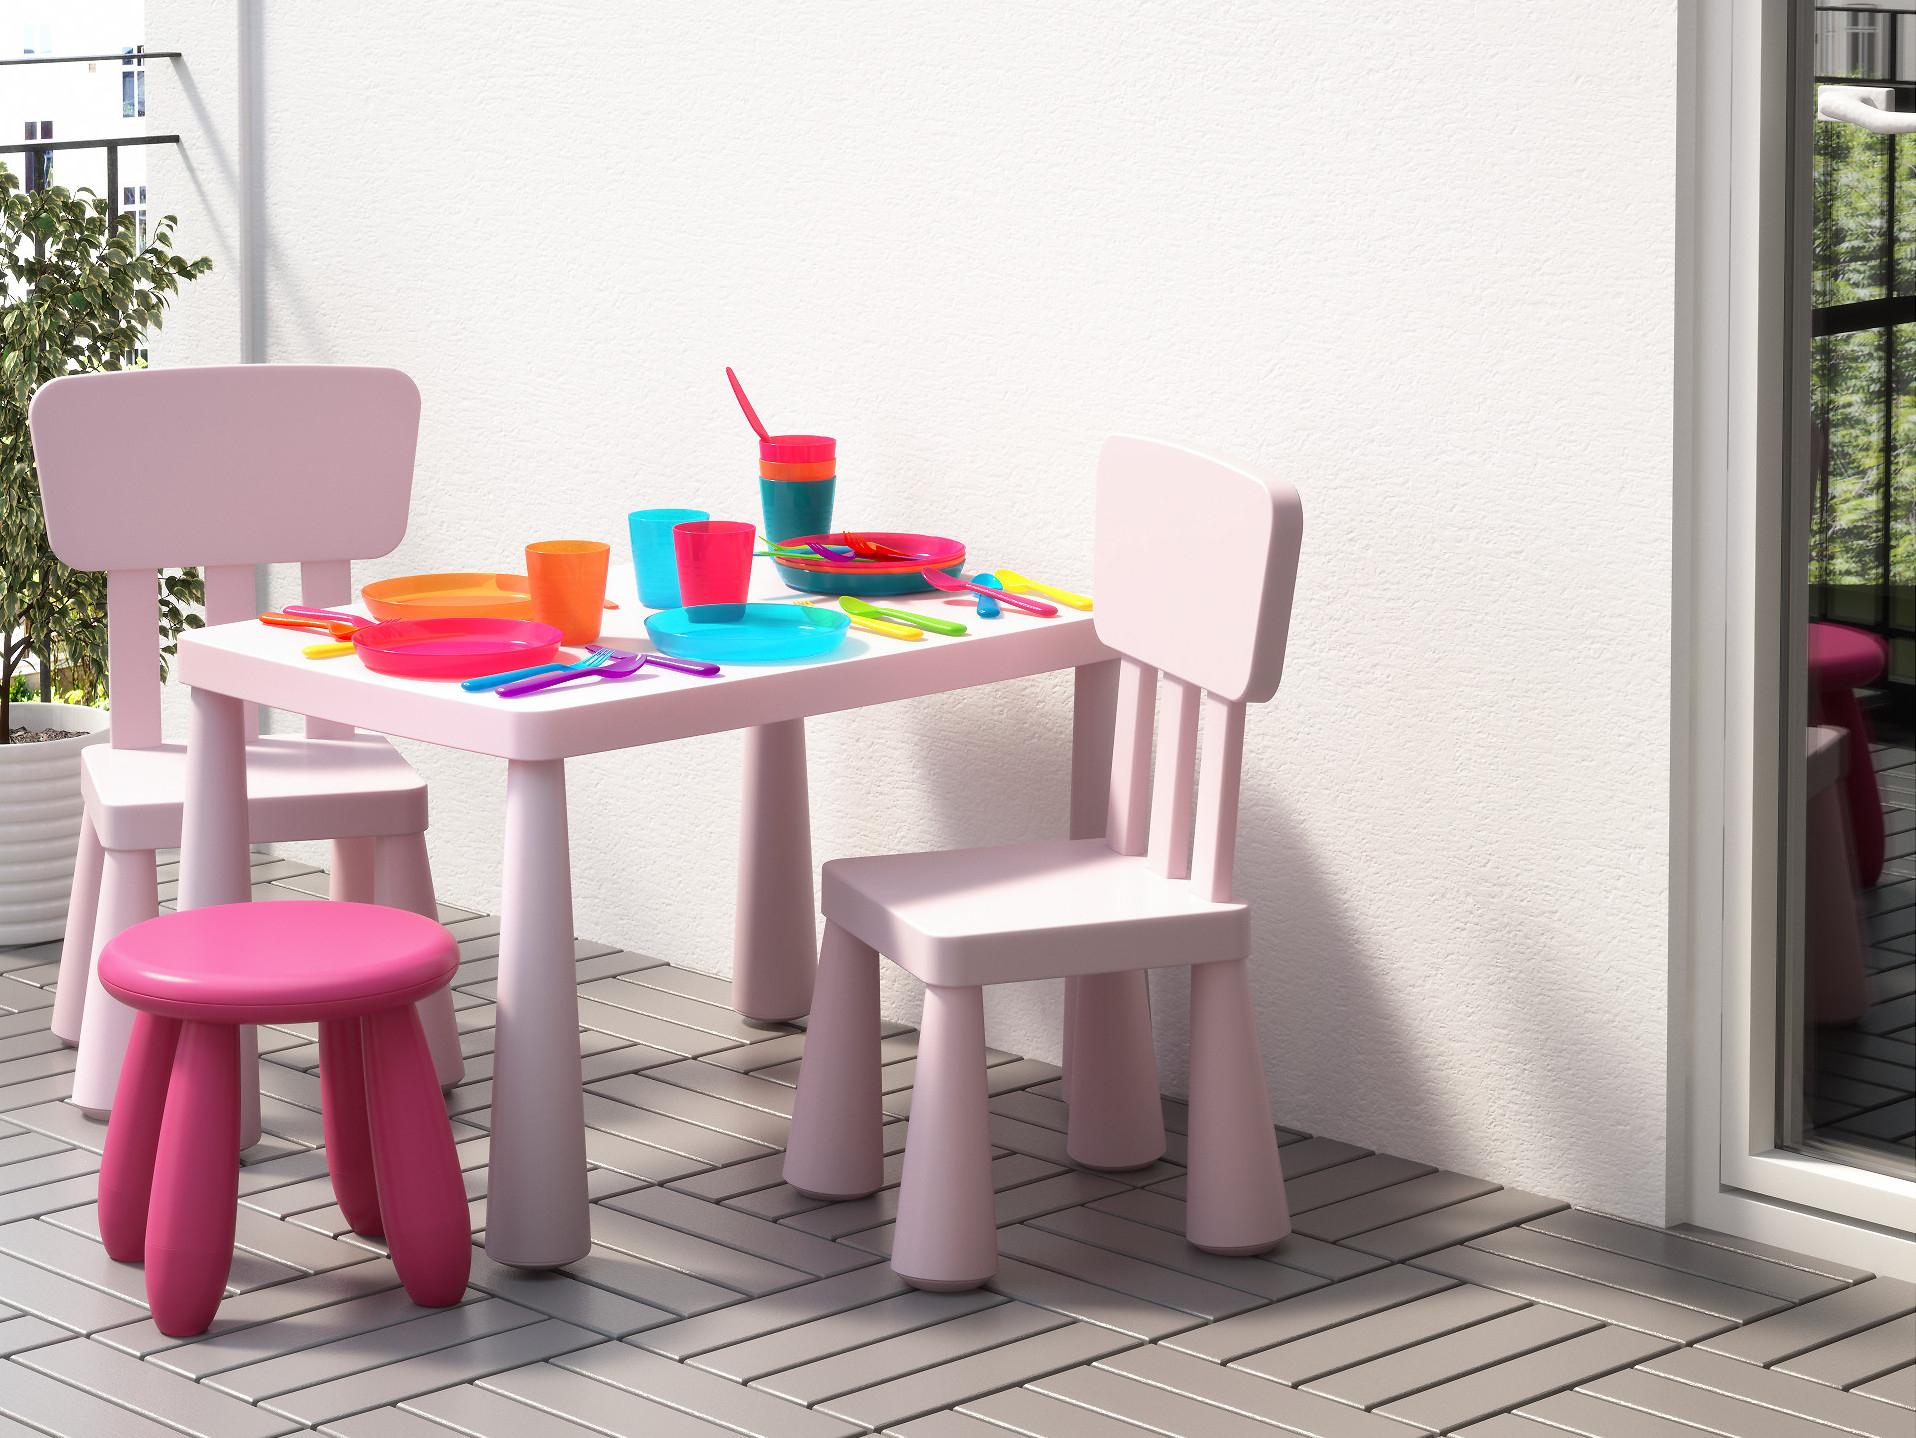 Salon De Jardin Pour Enfants : Du Mobilier Comme Les Grands ... serapportantà Ikea Mobilier De Jardin